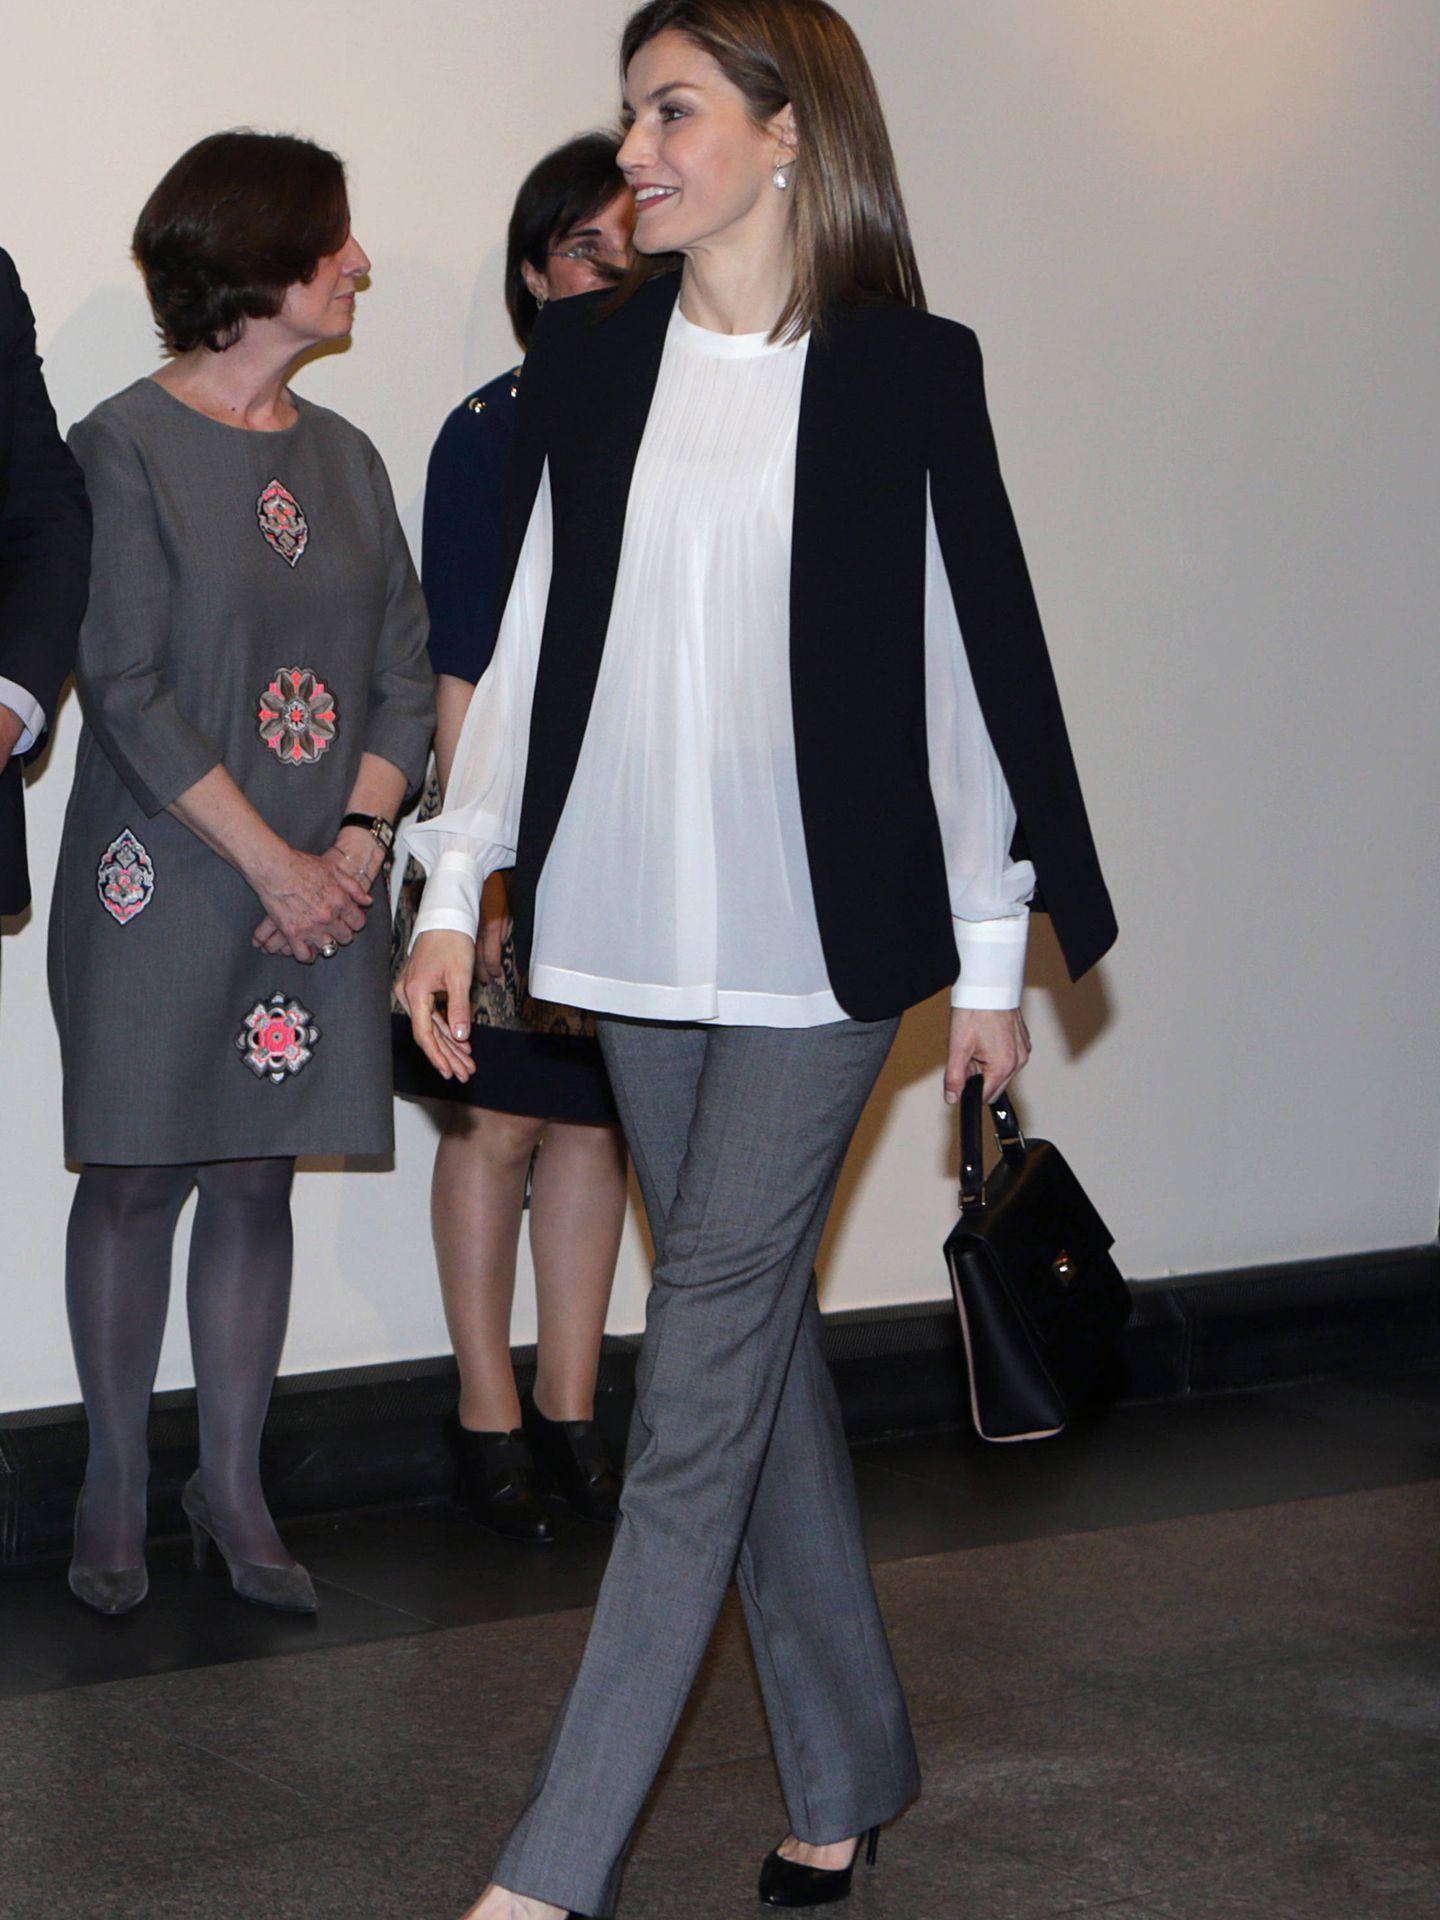 Otro look de la Reina con la famosa capa de Zara.